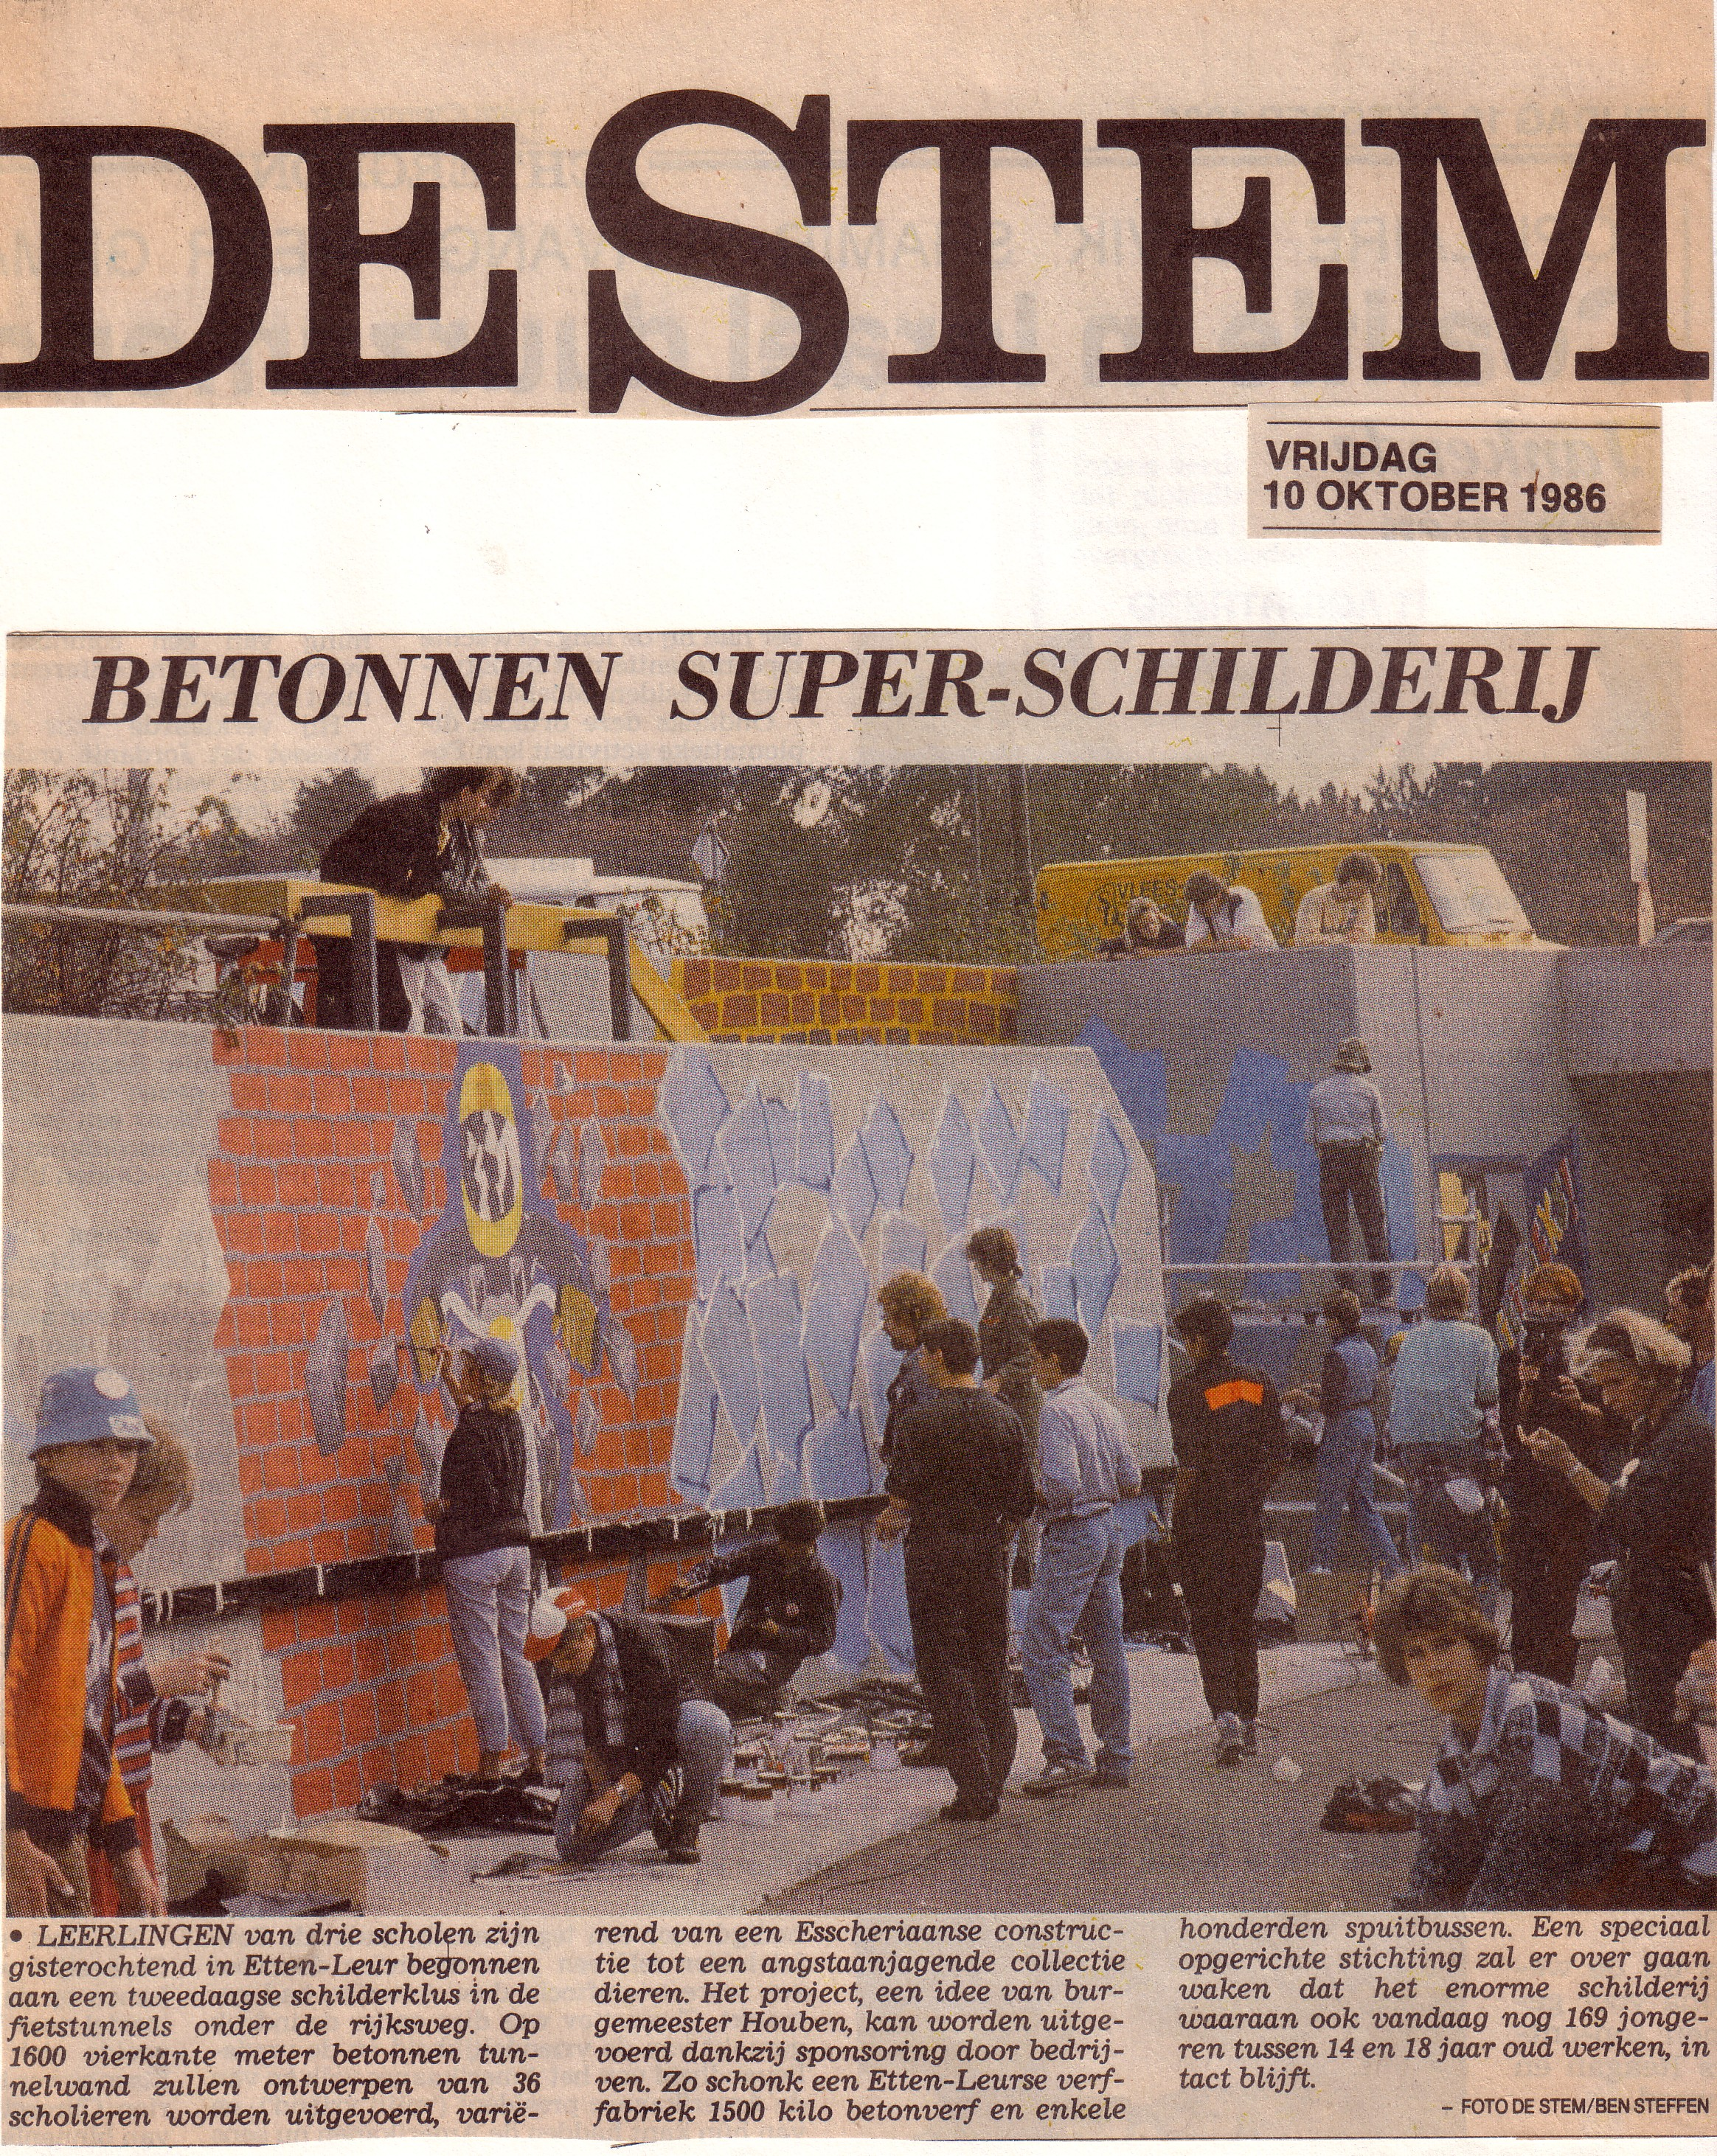 Daags na het schilderen was dit de voorpagina van Dagblad De Stem!